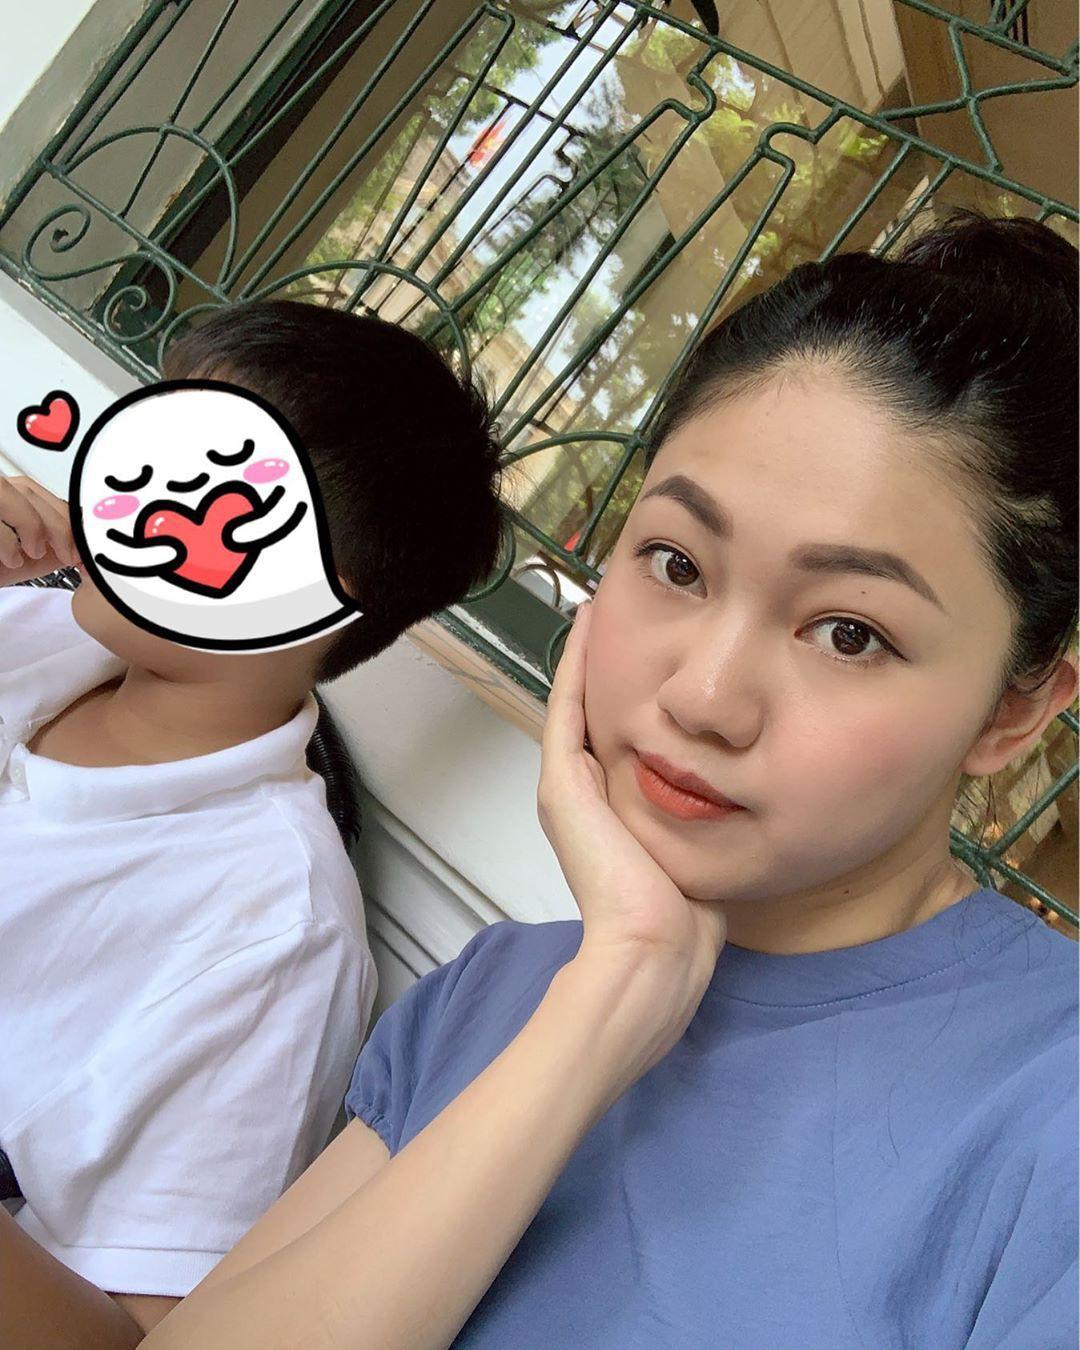 VZN News: Quy trình skincare của Á hậu Thanh Tú: tẩy trang 2 bước, chống lão hóa từ sớm nên chẳng trách da cứ đẹp nõn nà - Ảnh 1.